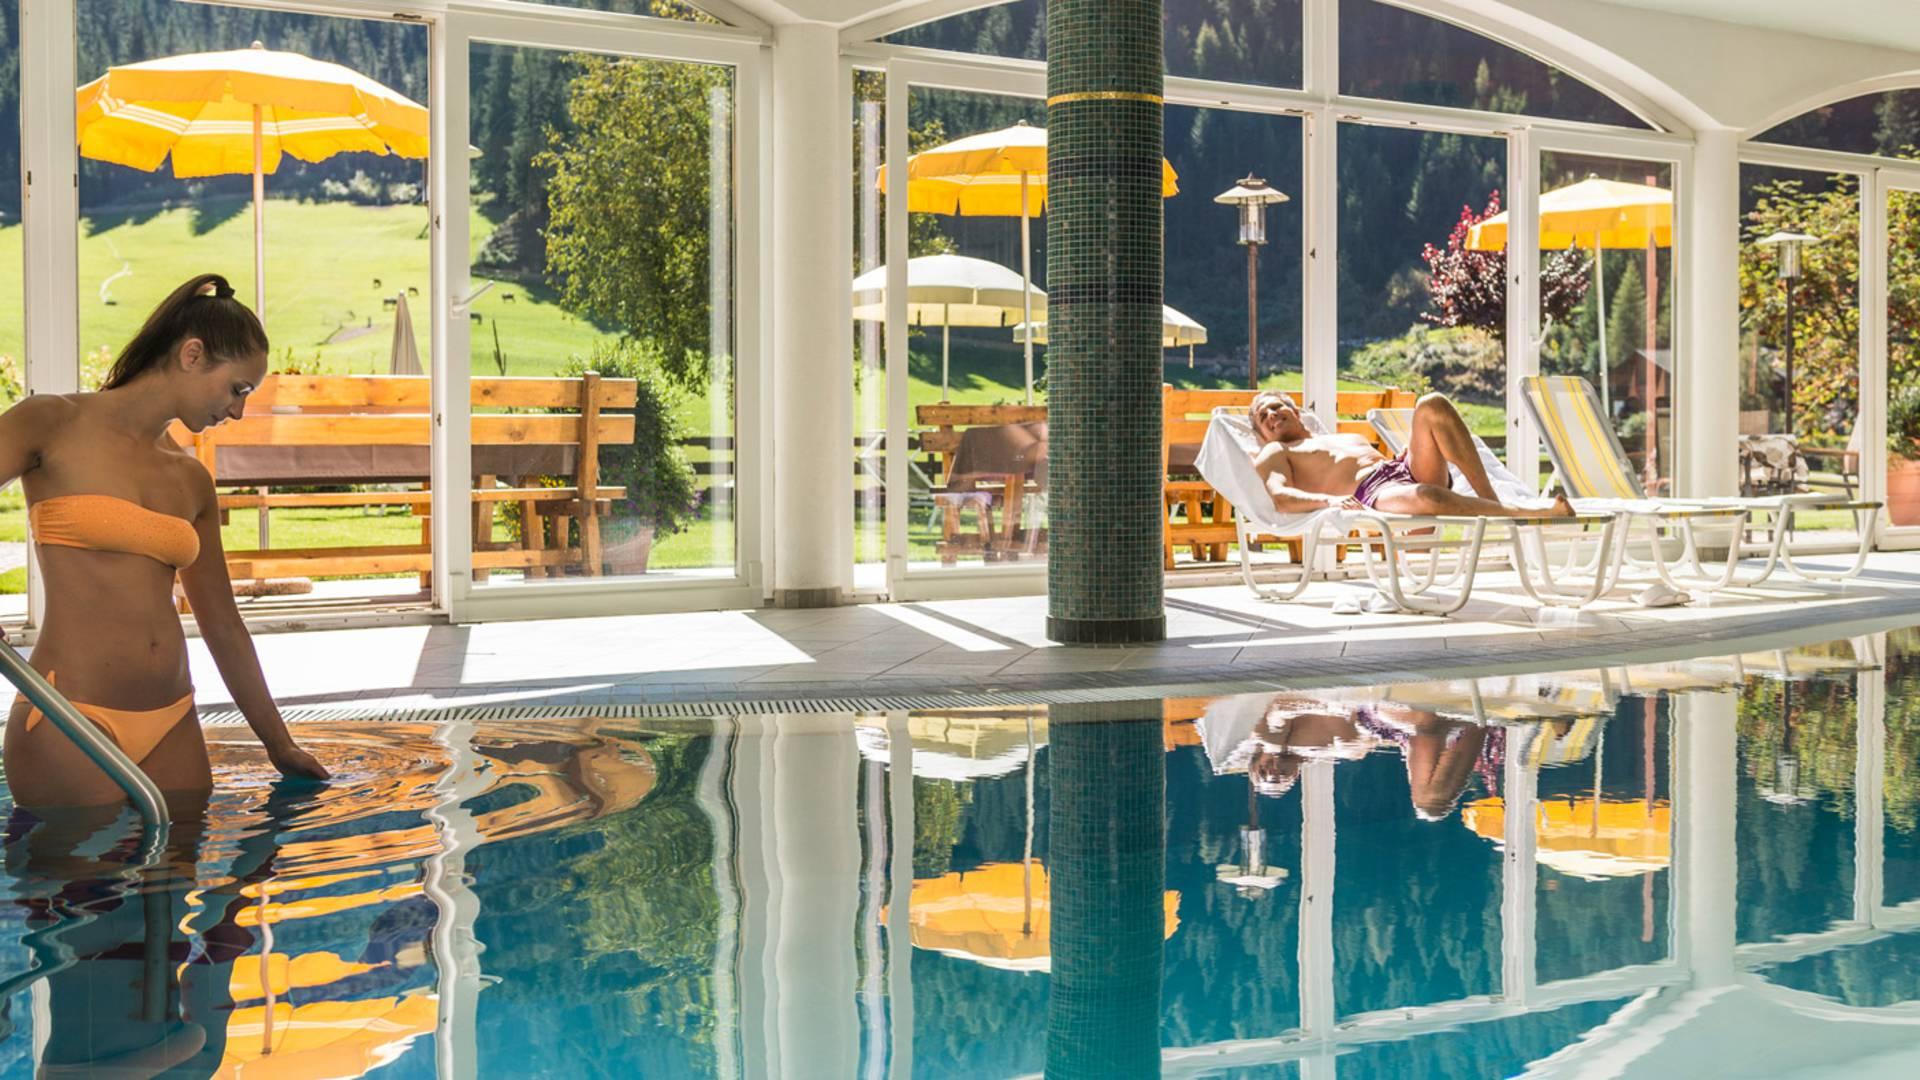 Un hotel con piscina coperta offre vero relax - Hotel maranza con piscina coperta ...